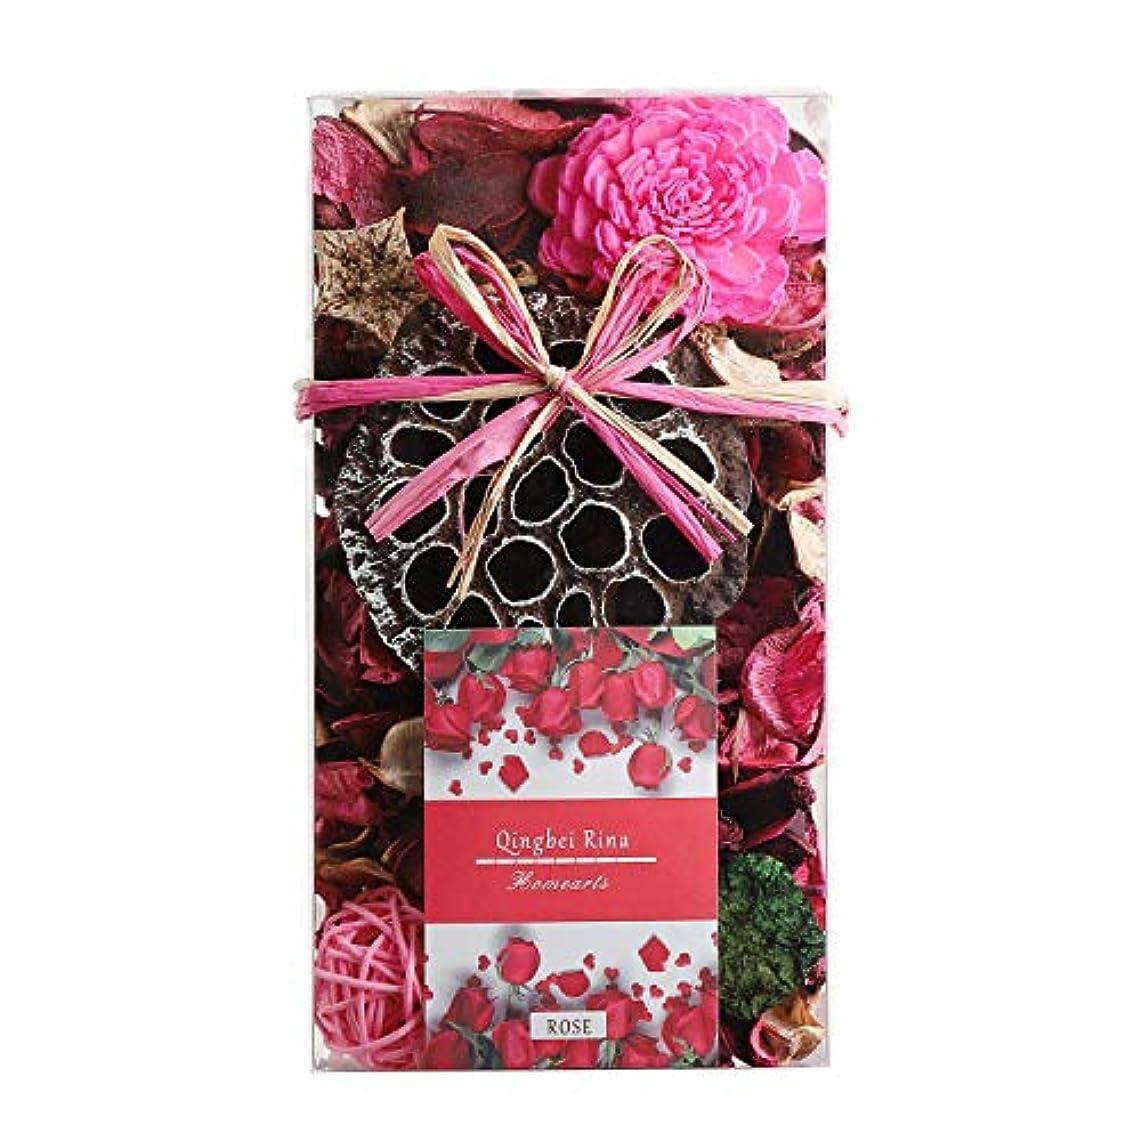 手紙を書く考案するその他Qingbei Rina ポプリ ピンク 200g バラのポプリ ギフト 手作りの自然素材